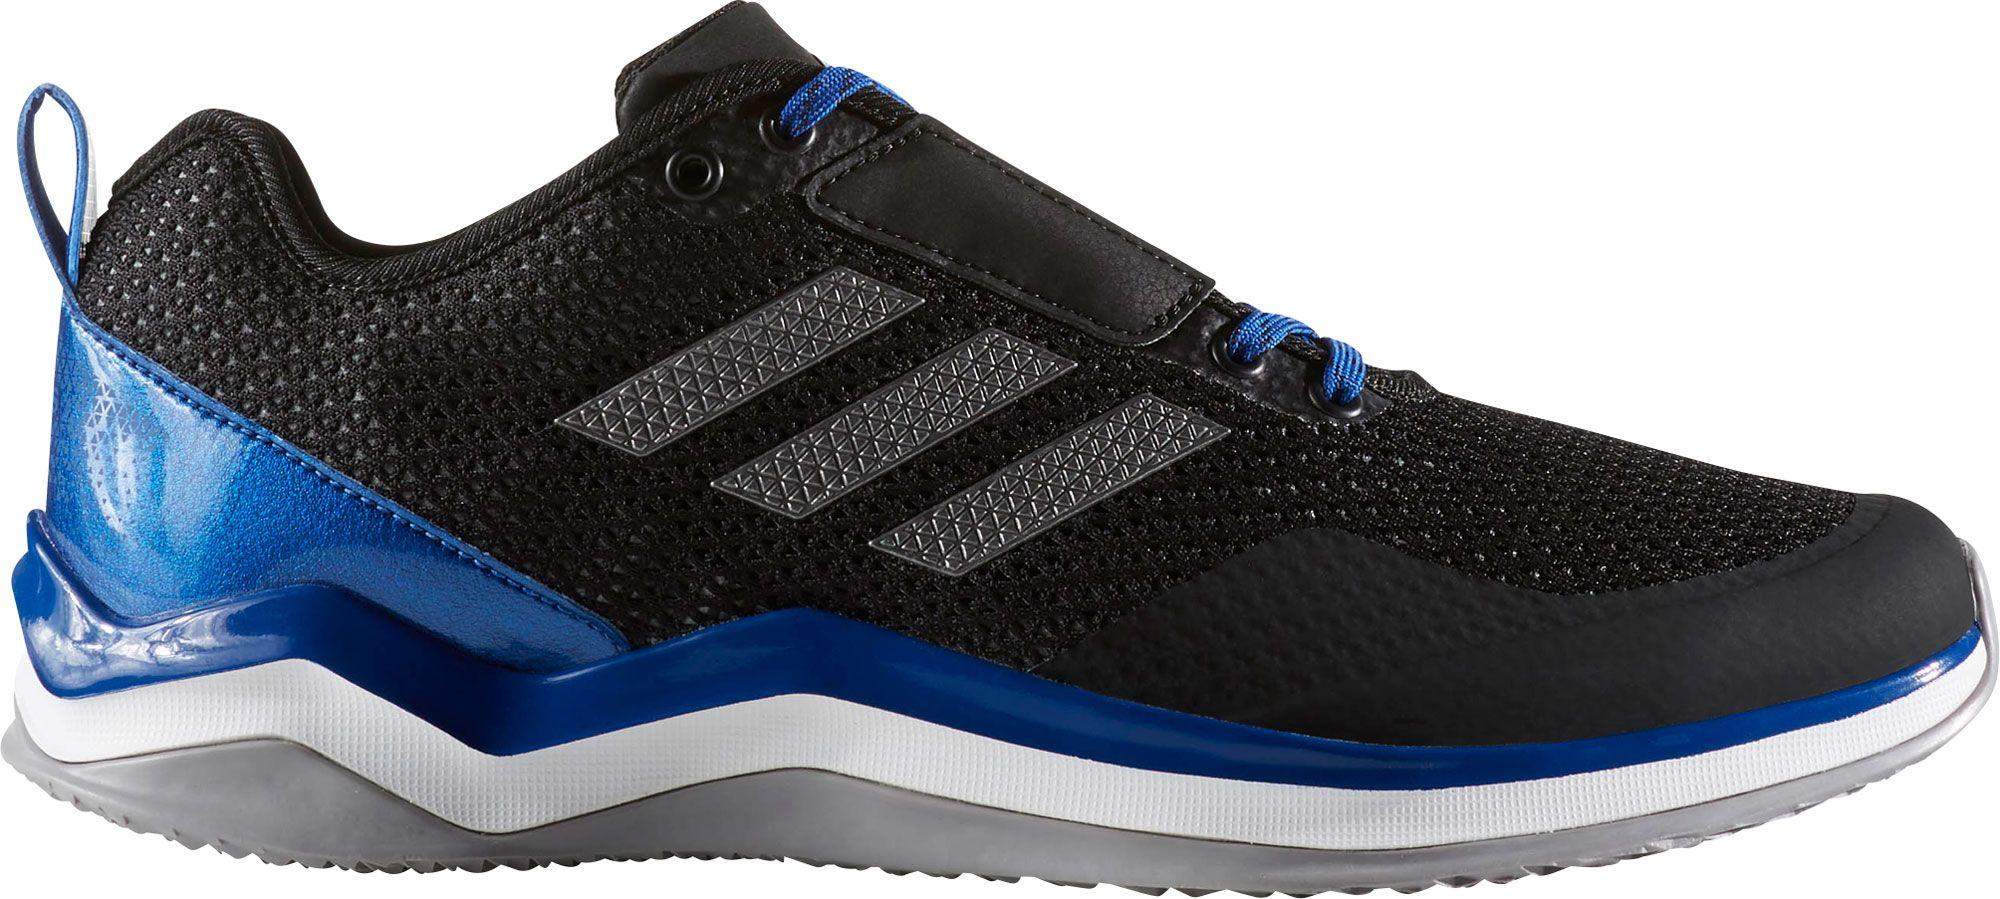 adidas uomini, allenatore di baseball dick 3 velocità le scarpe di articoli sportivi